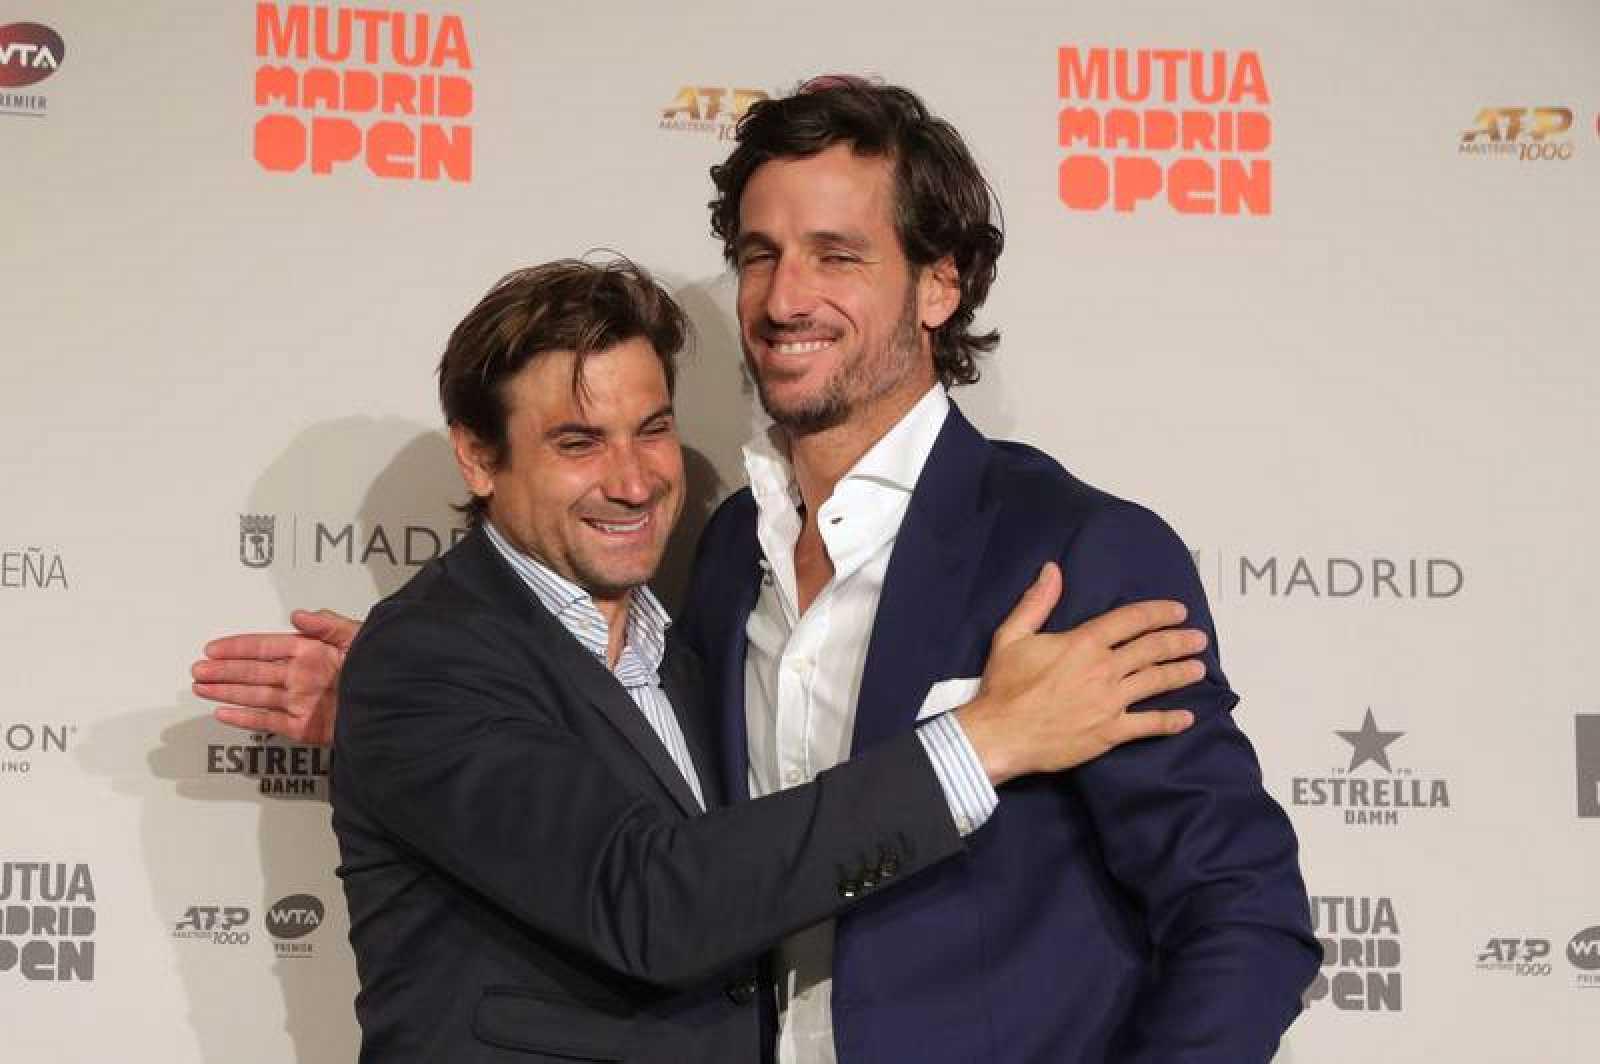 El director del Mutua Madrid Open, Feliciano López (d), junto al tenista David Ferrer (i), durante la rueda de prensa con motivo del torneo Mutua Madrid Open que se disputa del 3 al 12 de mayo en Madrid, en las instalaciones de la Caja Mágica